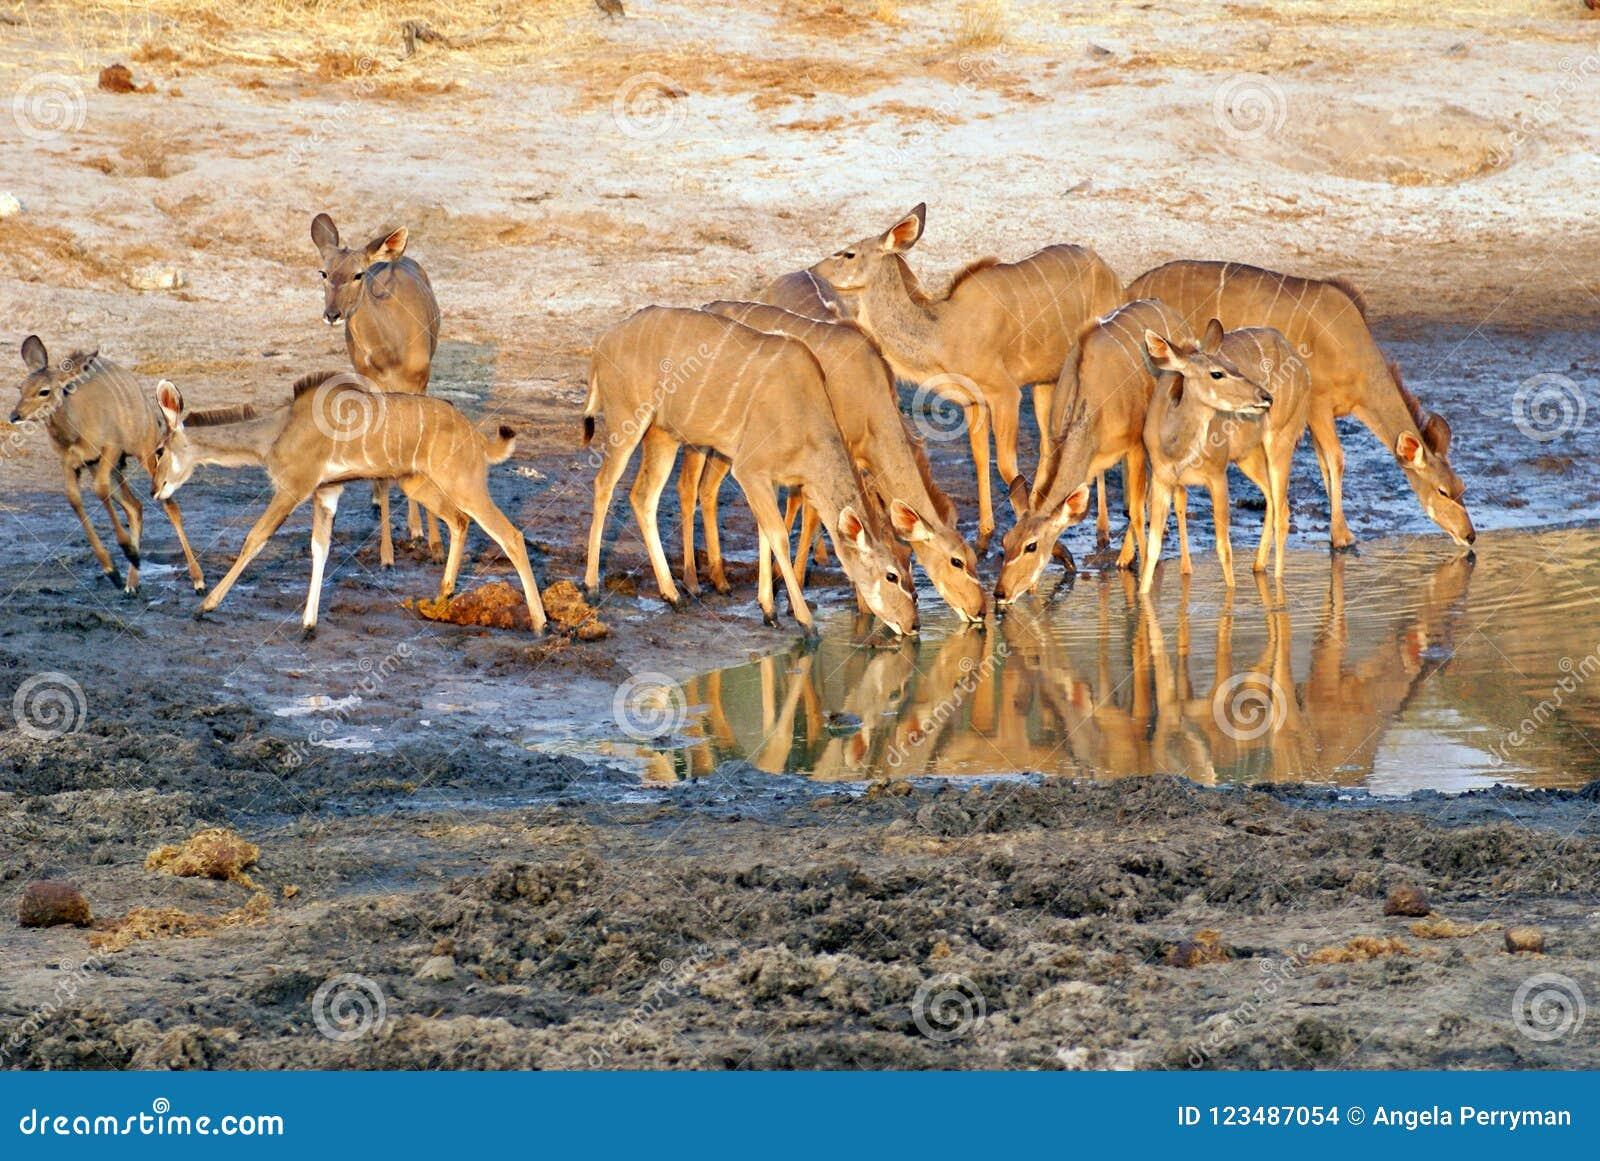 Κοπάδι του kudu σε μια τρύπα ποτίσματος